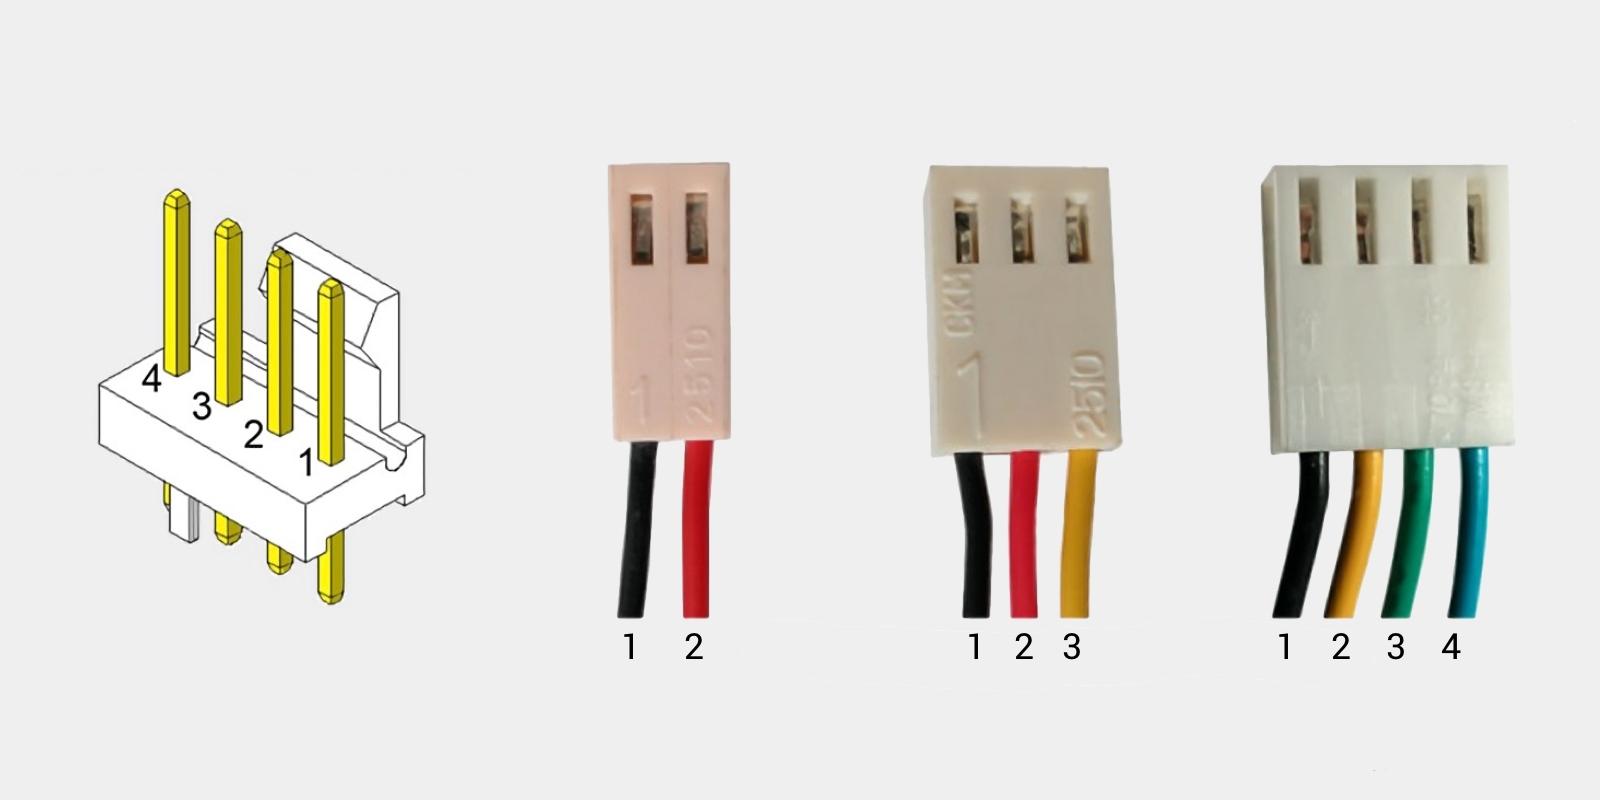 Штекеры вентиляторов с различным количеством контактов